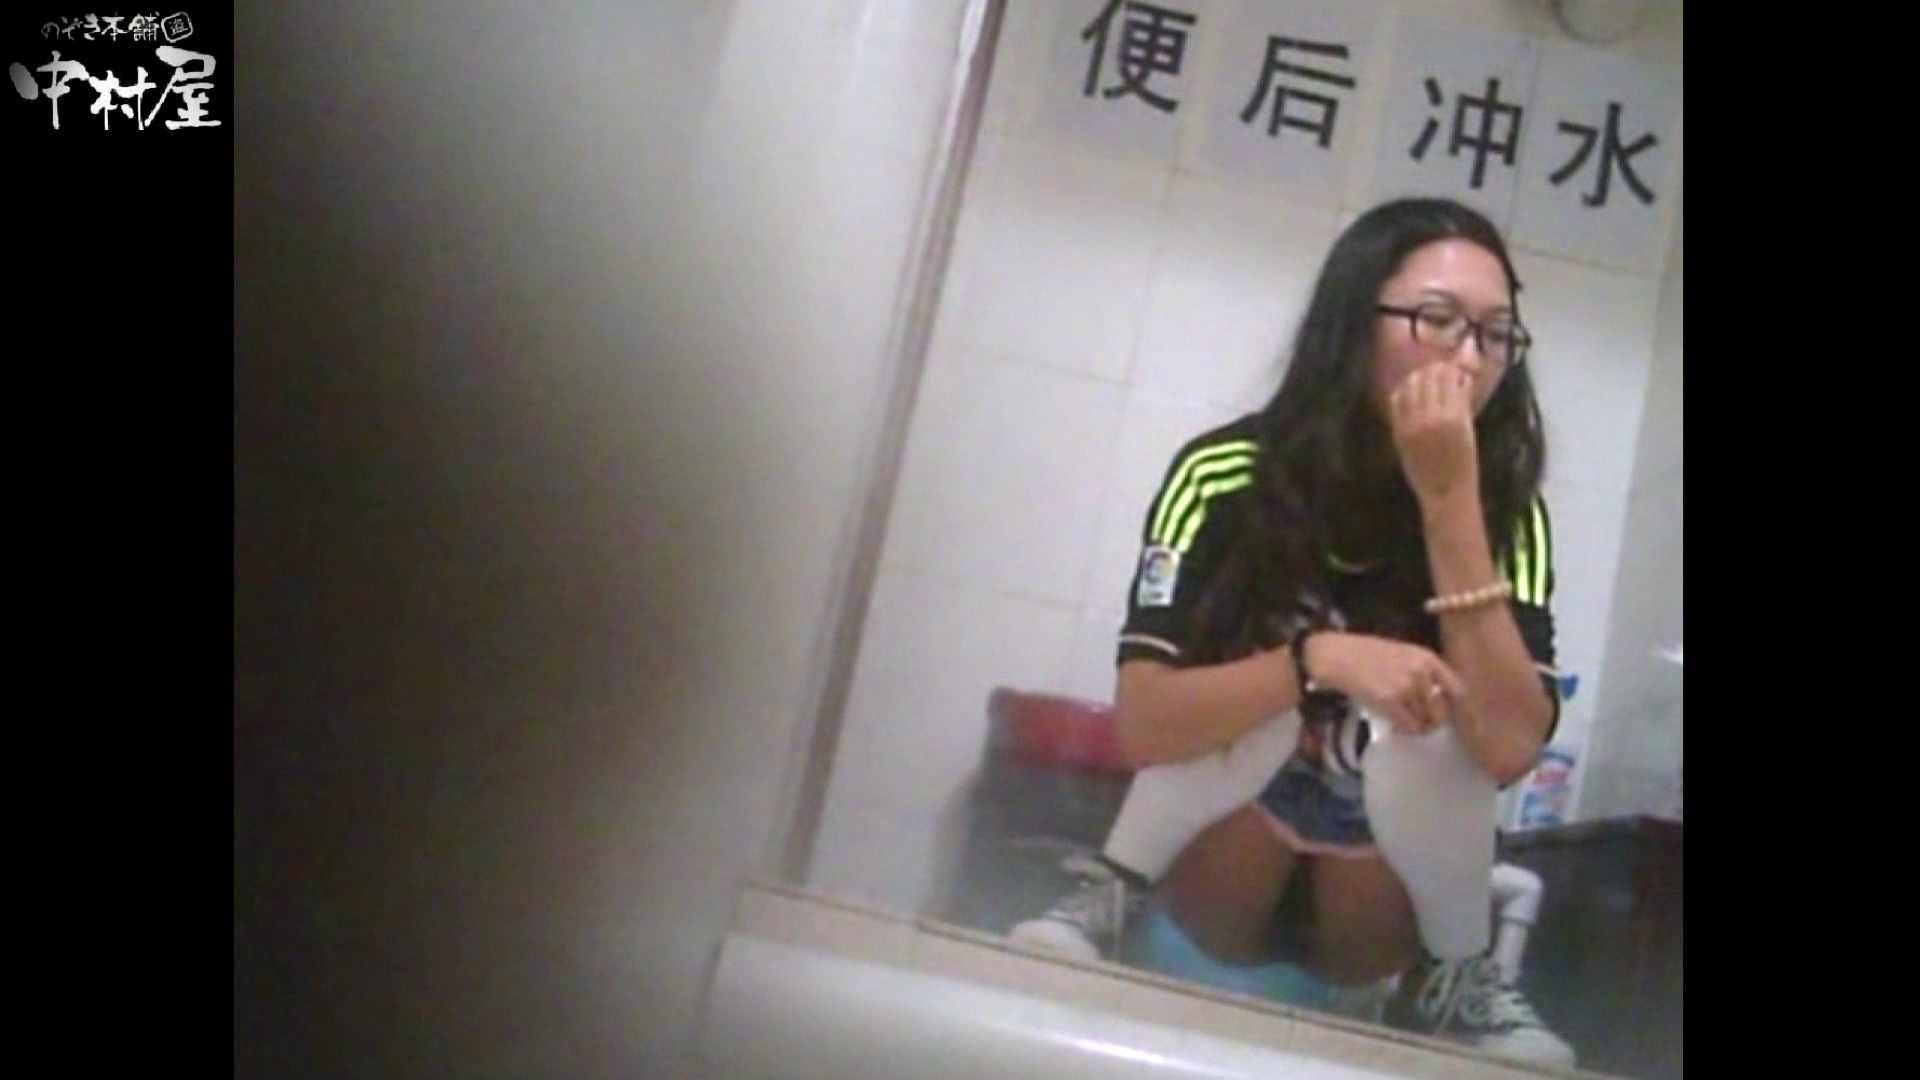 李さんの盗撮日記 Vol.13 盗撮 おまんこ動画流出 109画像 2